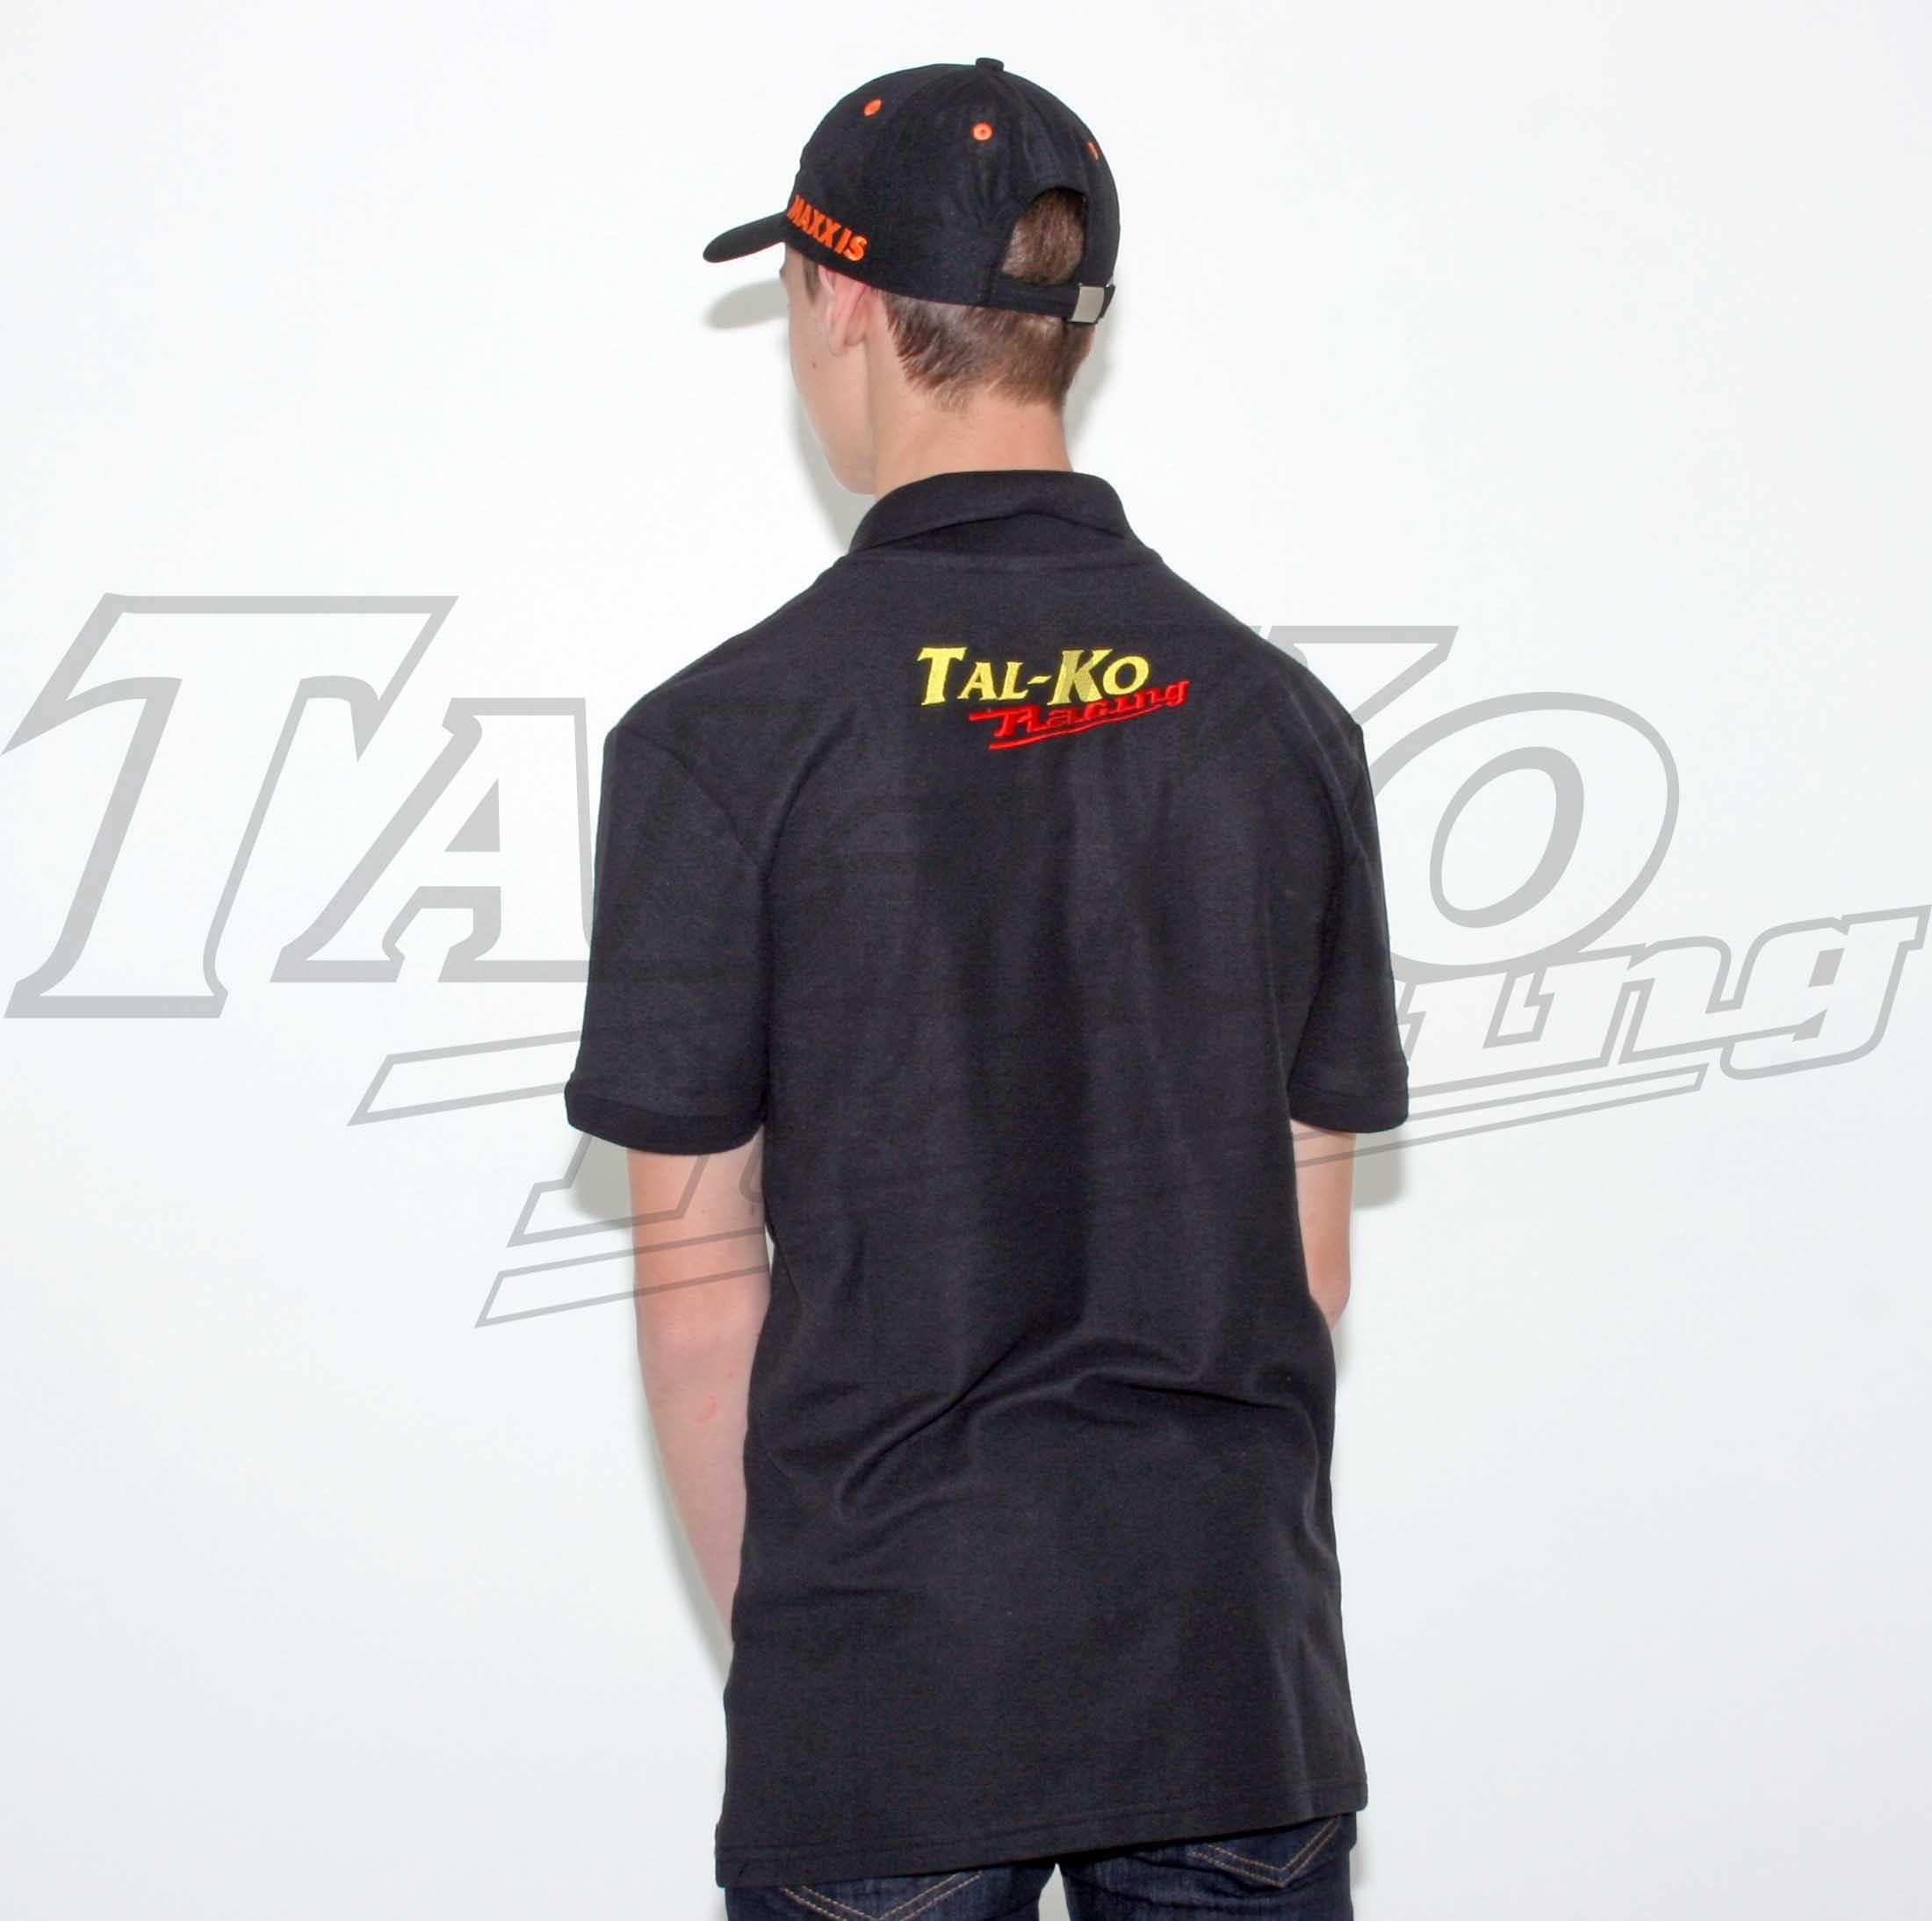 TAL-KO RACING POLO SHIRT S